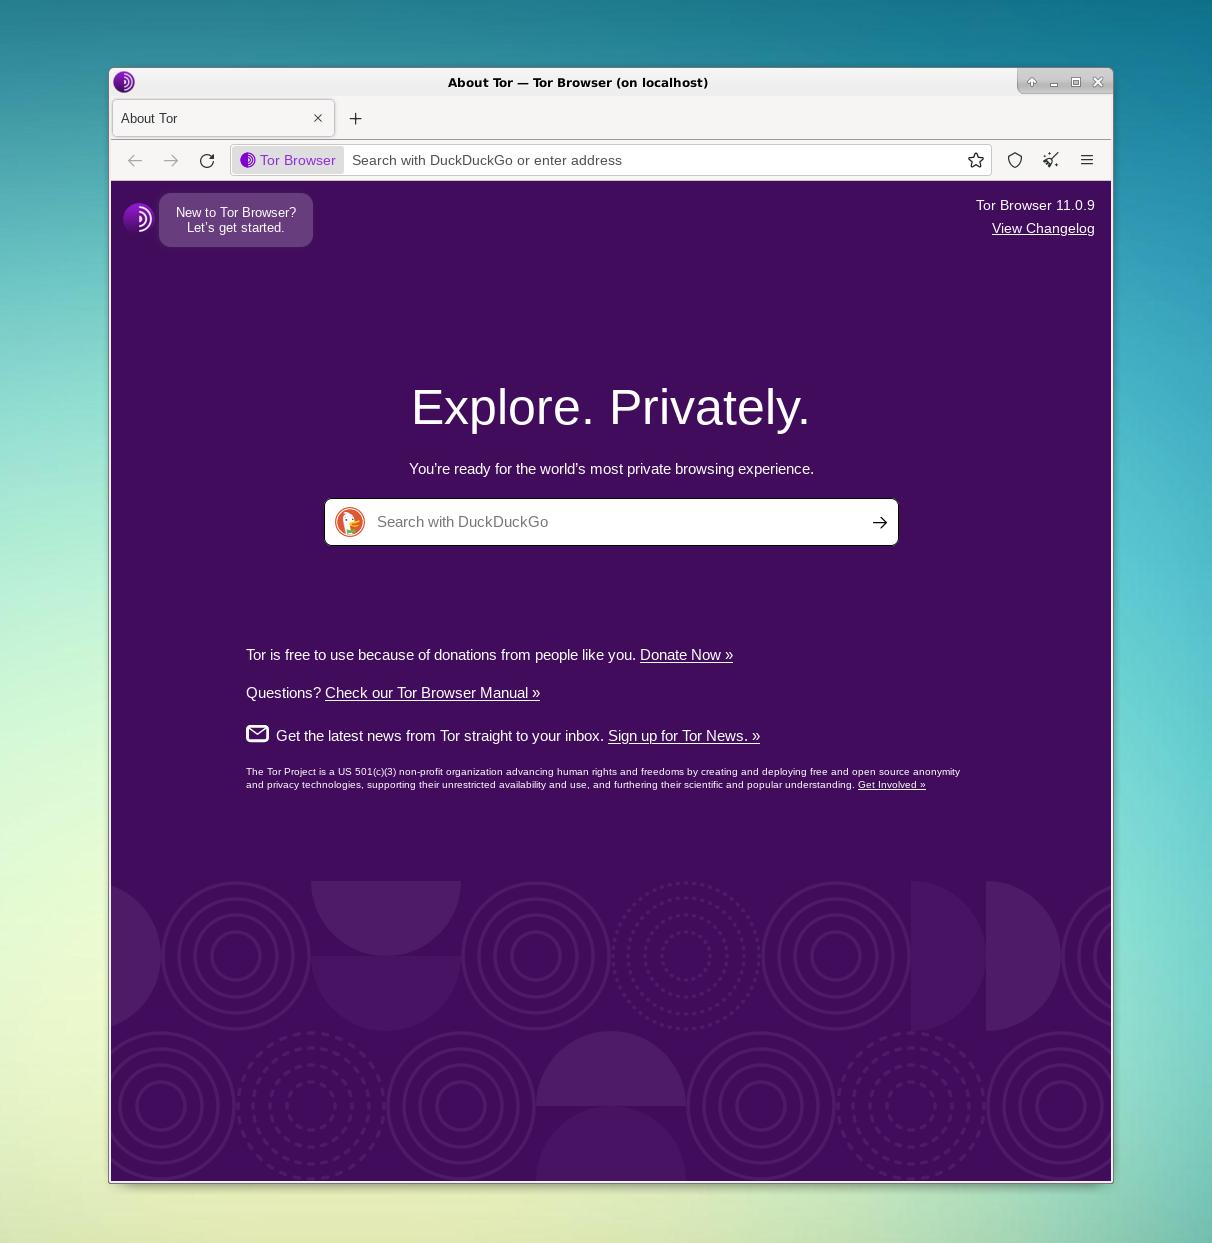 браузер тор анонимность hyrda вход